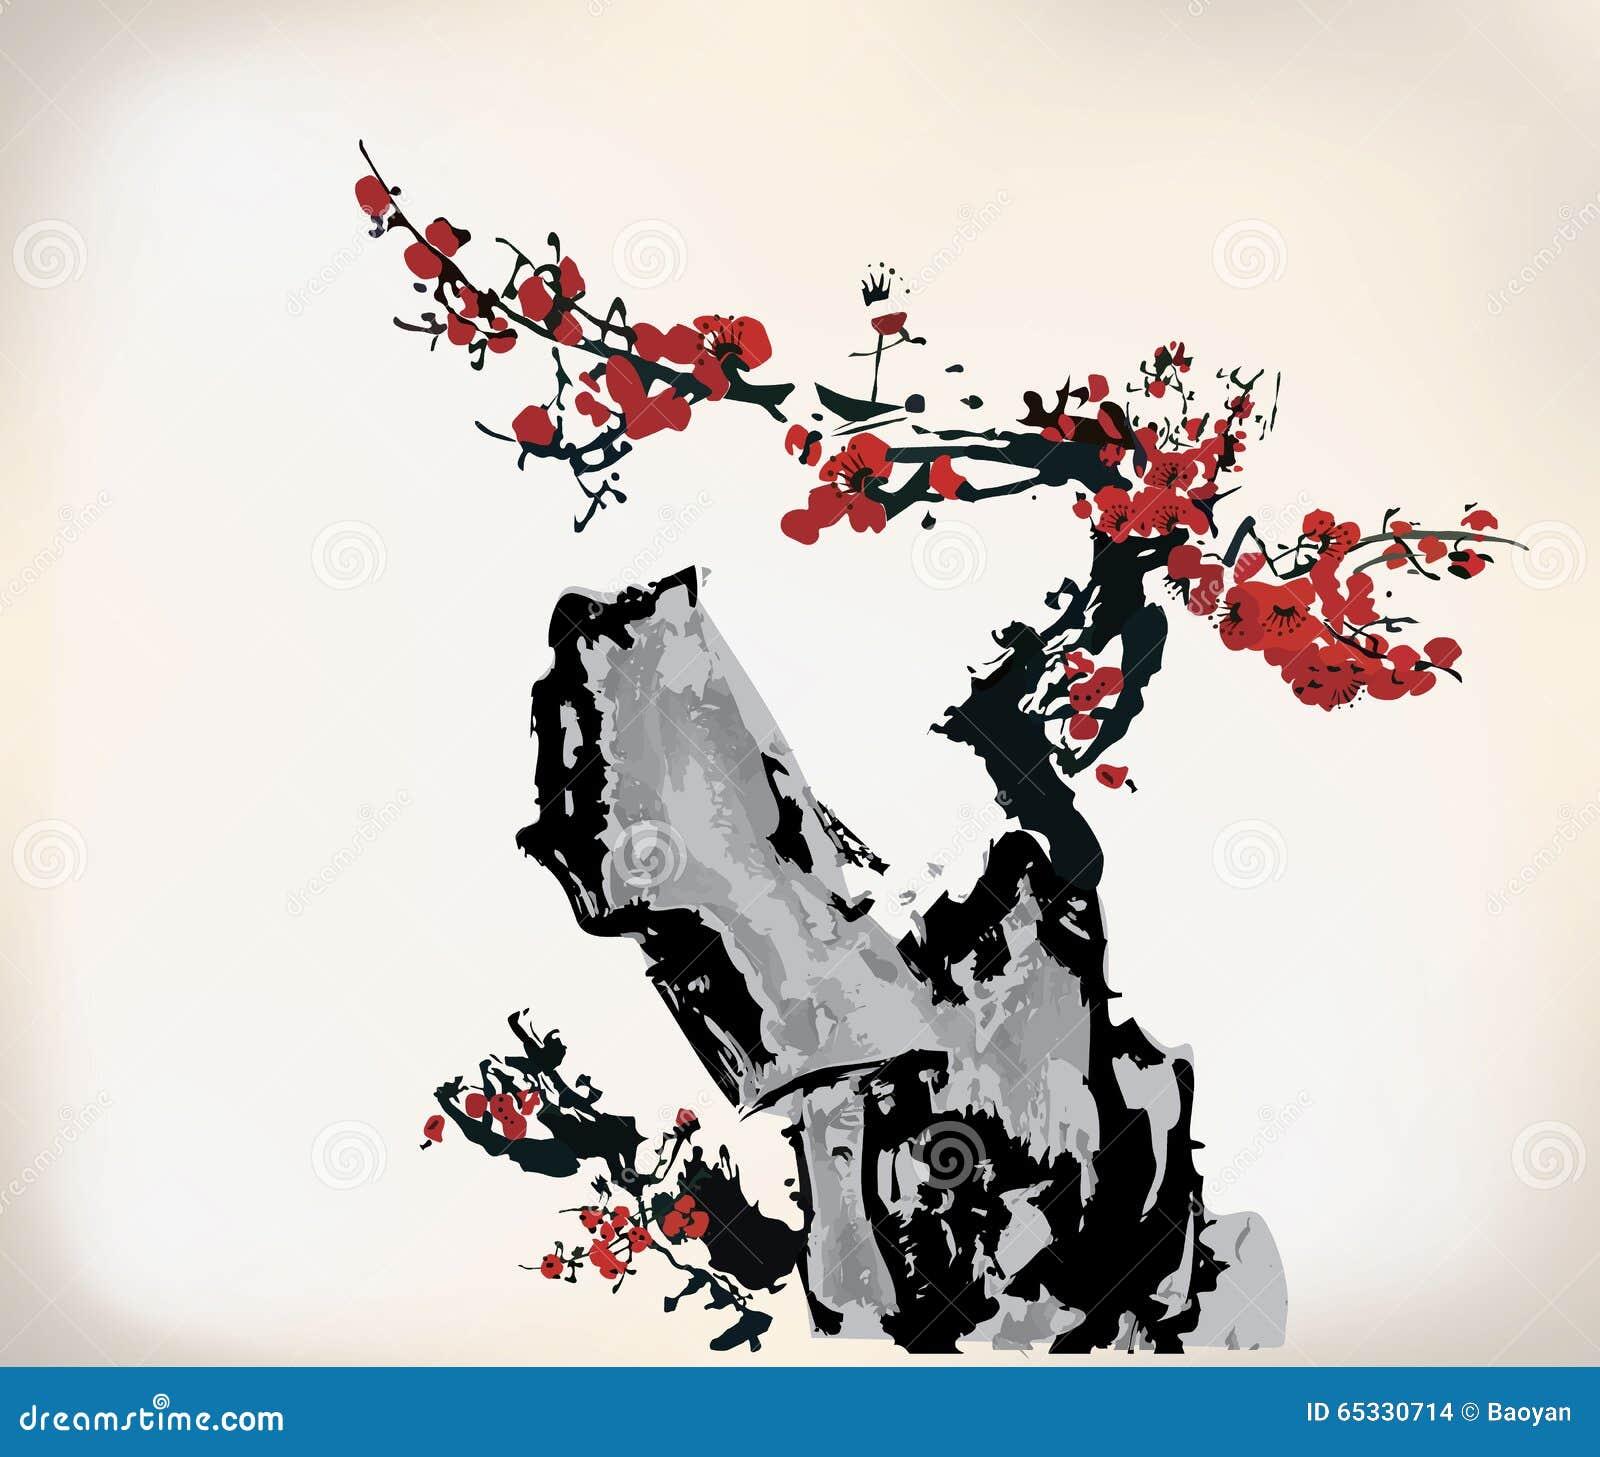 Disegni tradizionali cinesi di stile dell 39 inchiostro for Oggetti tradizionali cinesi